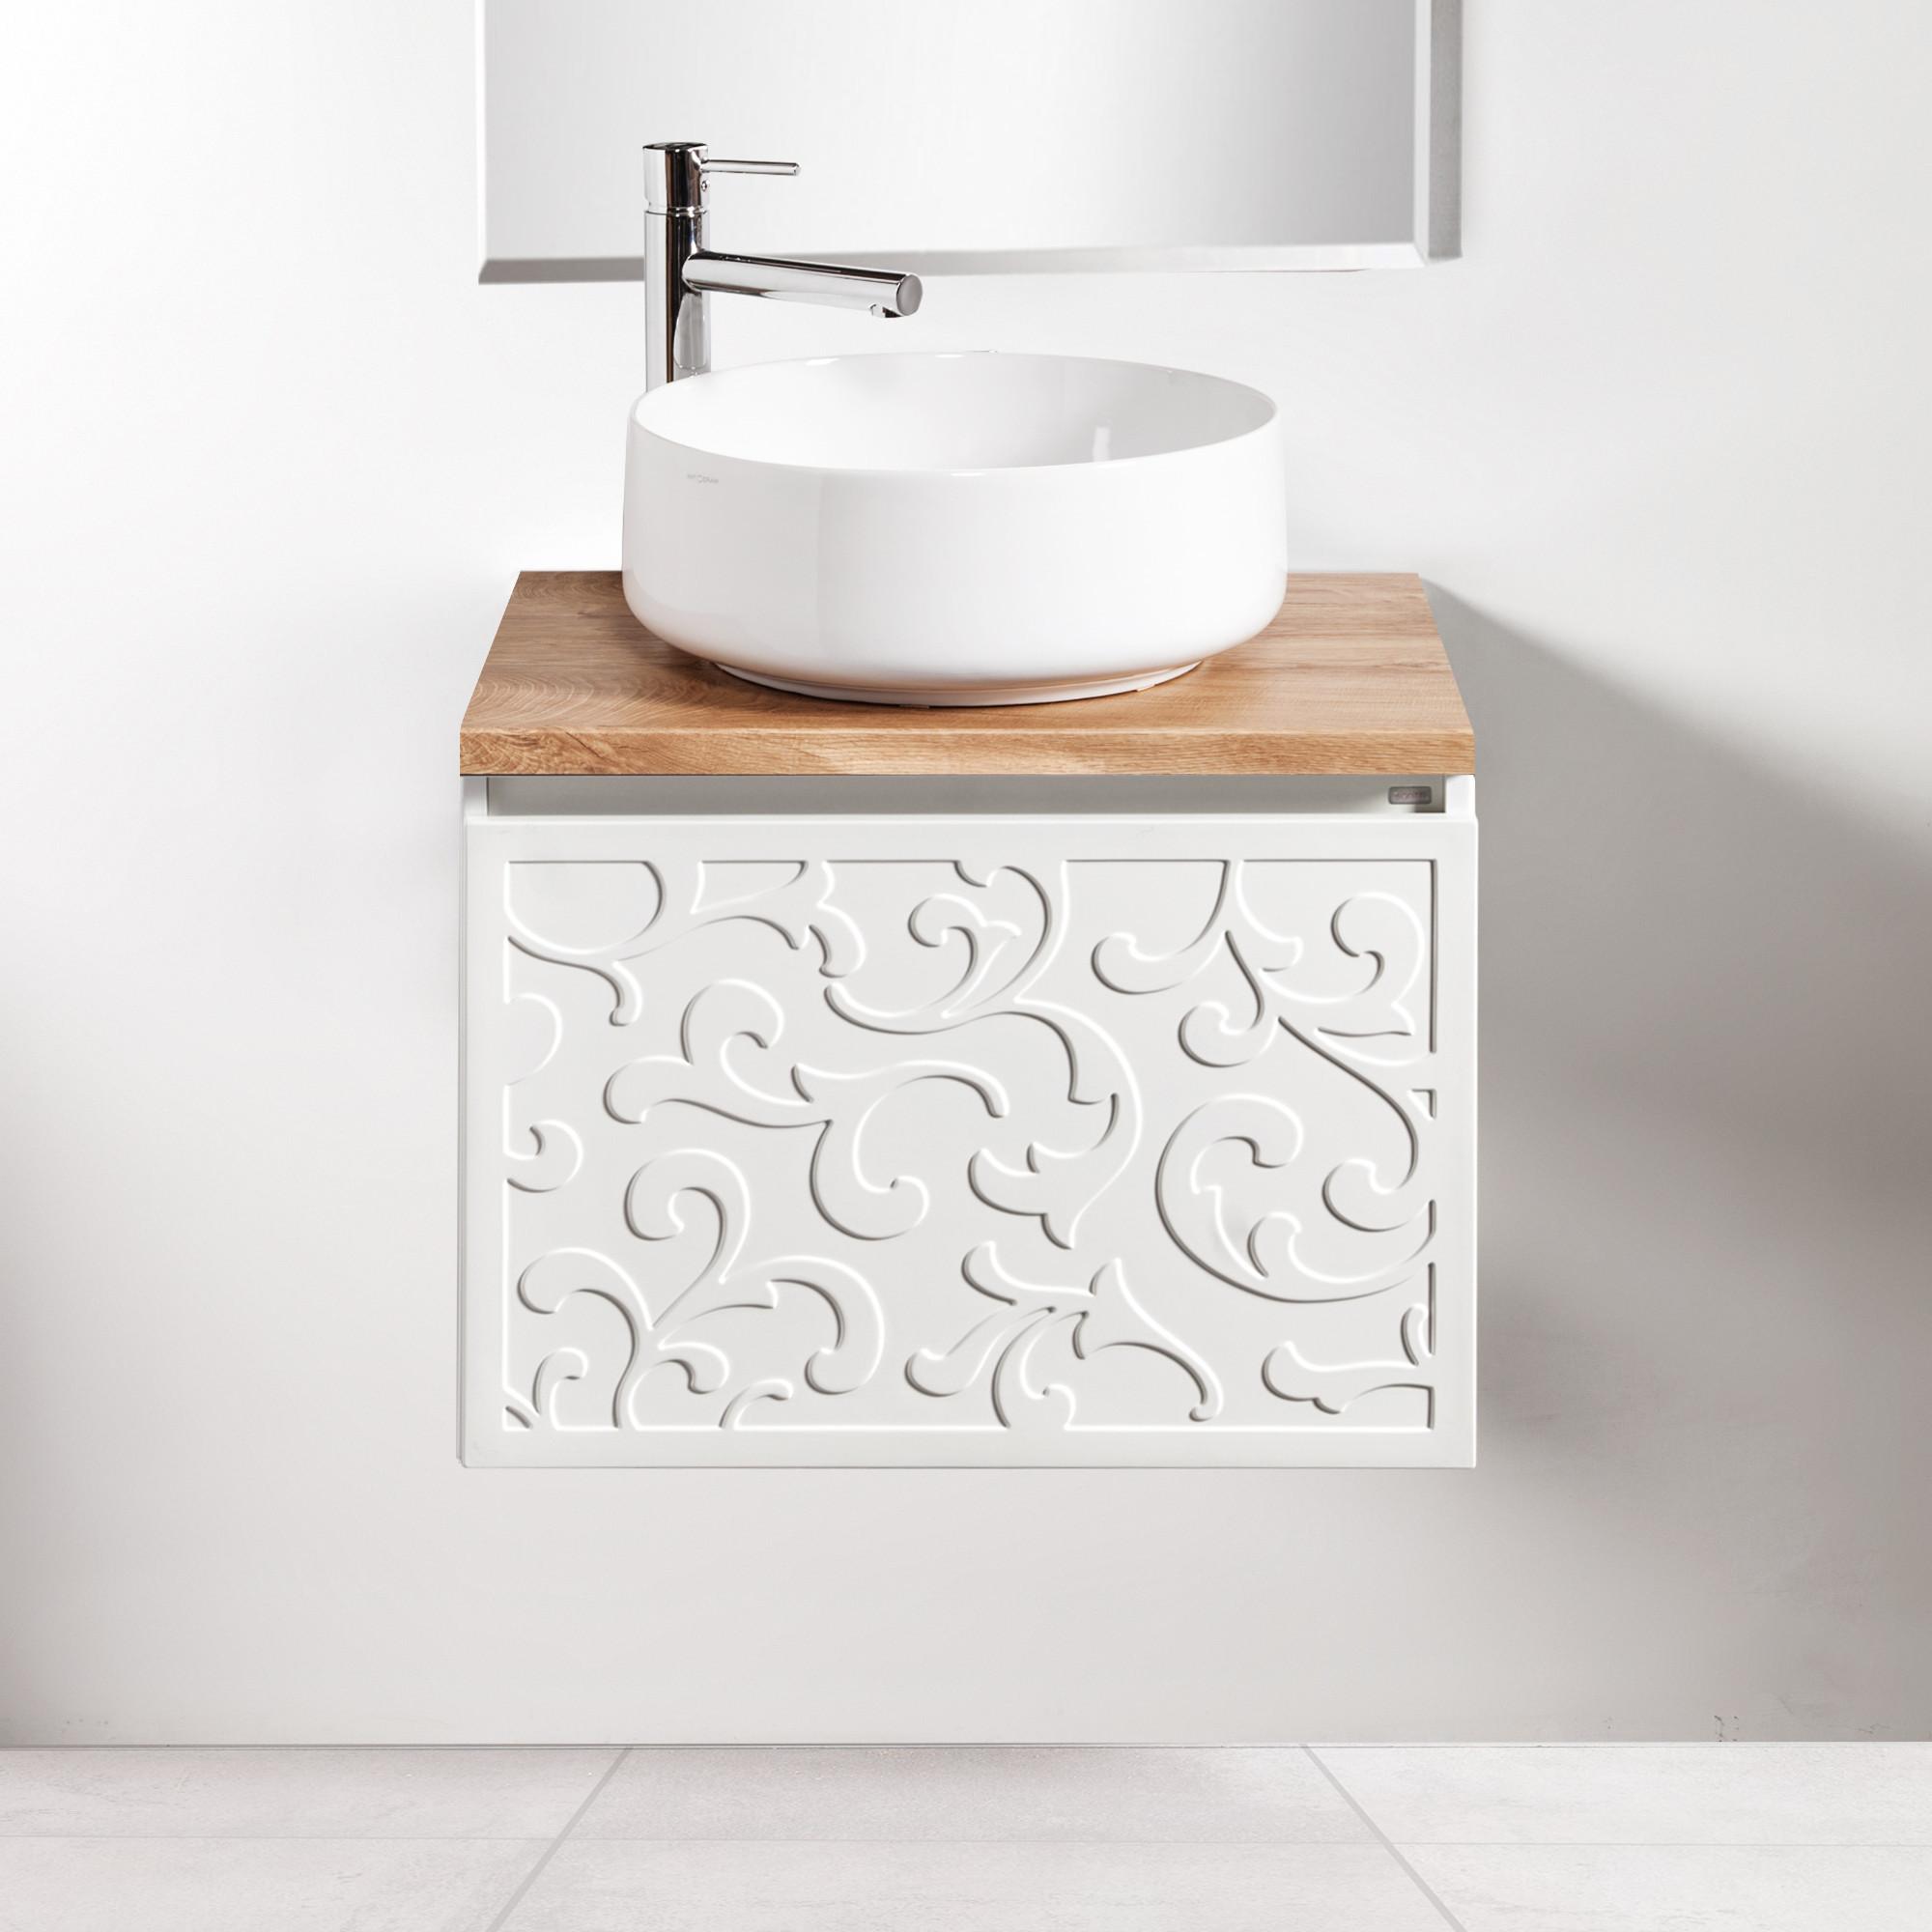 Szafka łazienkowa Sanitti Floro 60 cm z blatem dąb classic i umywalką Art-42